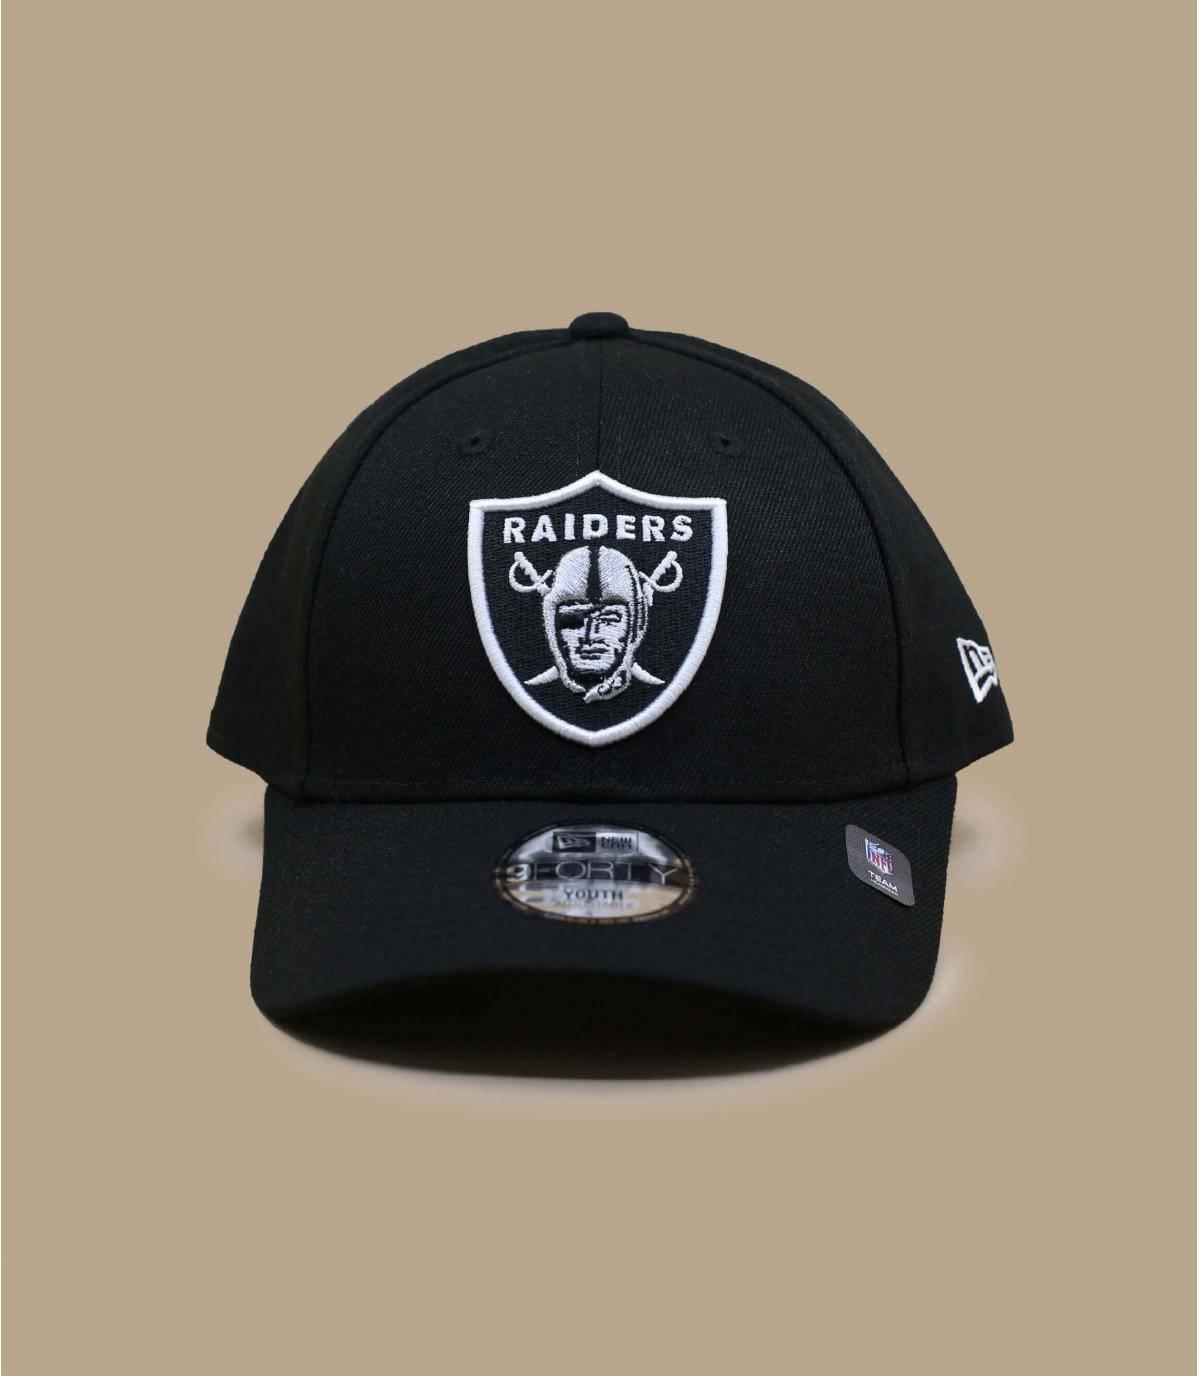 Raiders kinderpet